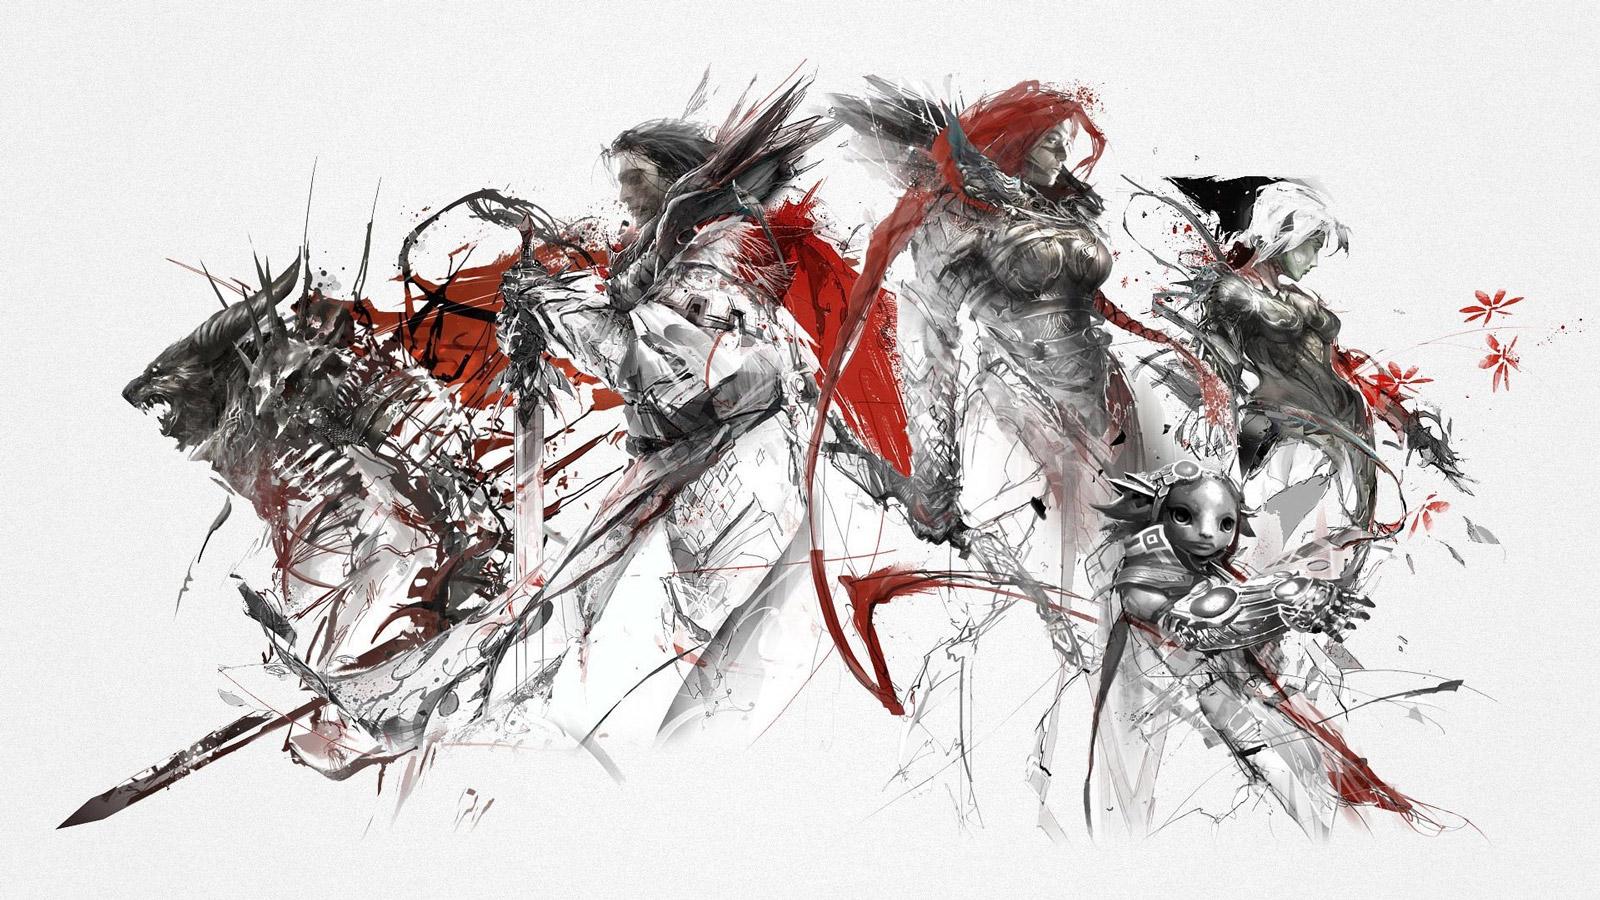 Free Guild Wars 2 Wallpaper in 1600x900